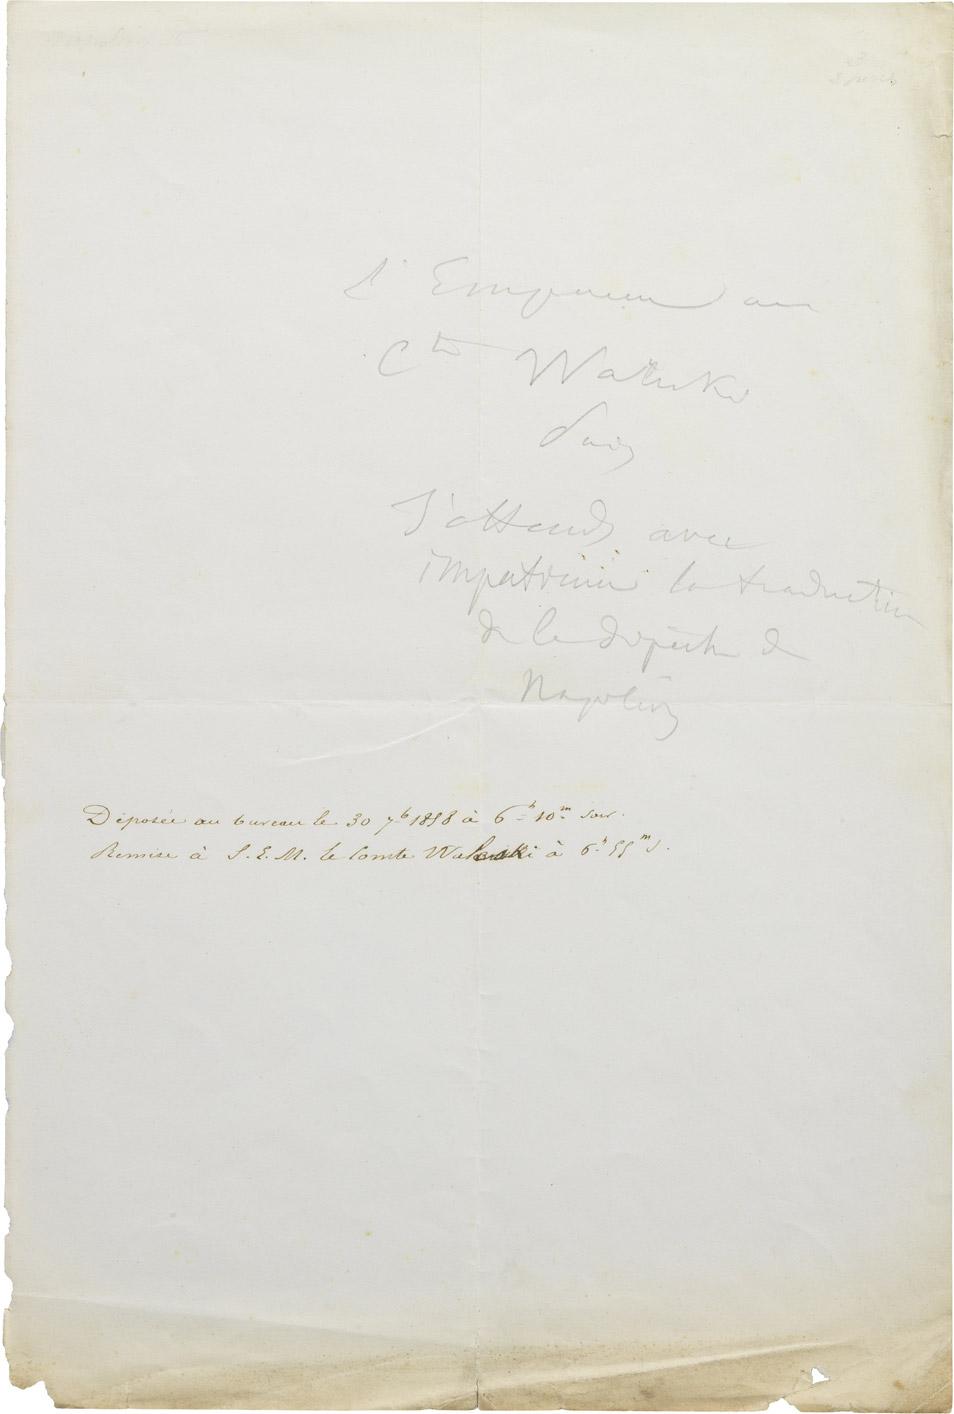 Dépêche de Napoléon III à Alexandre Walewski I - Patrimoine Charles-André COLONNA WALEWSKI, en ligne directe de Napoléon